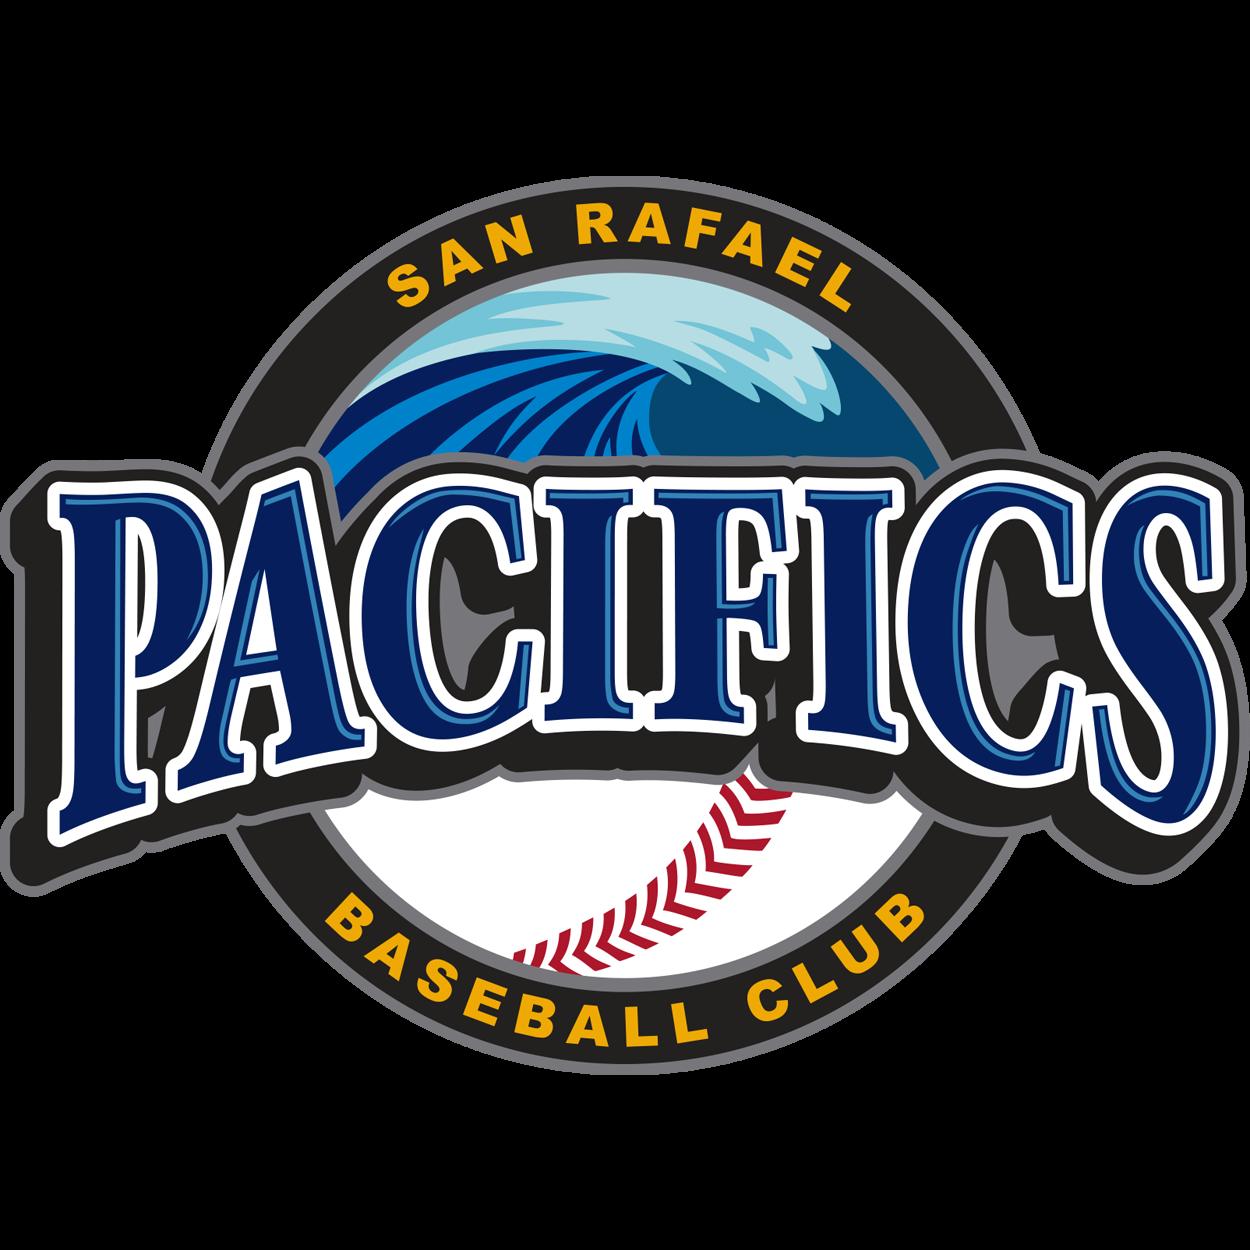 Pacifics logo.png